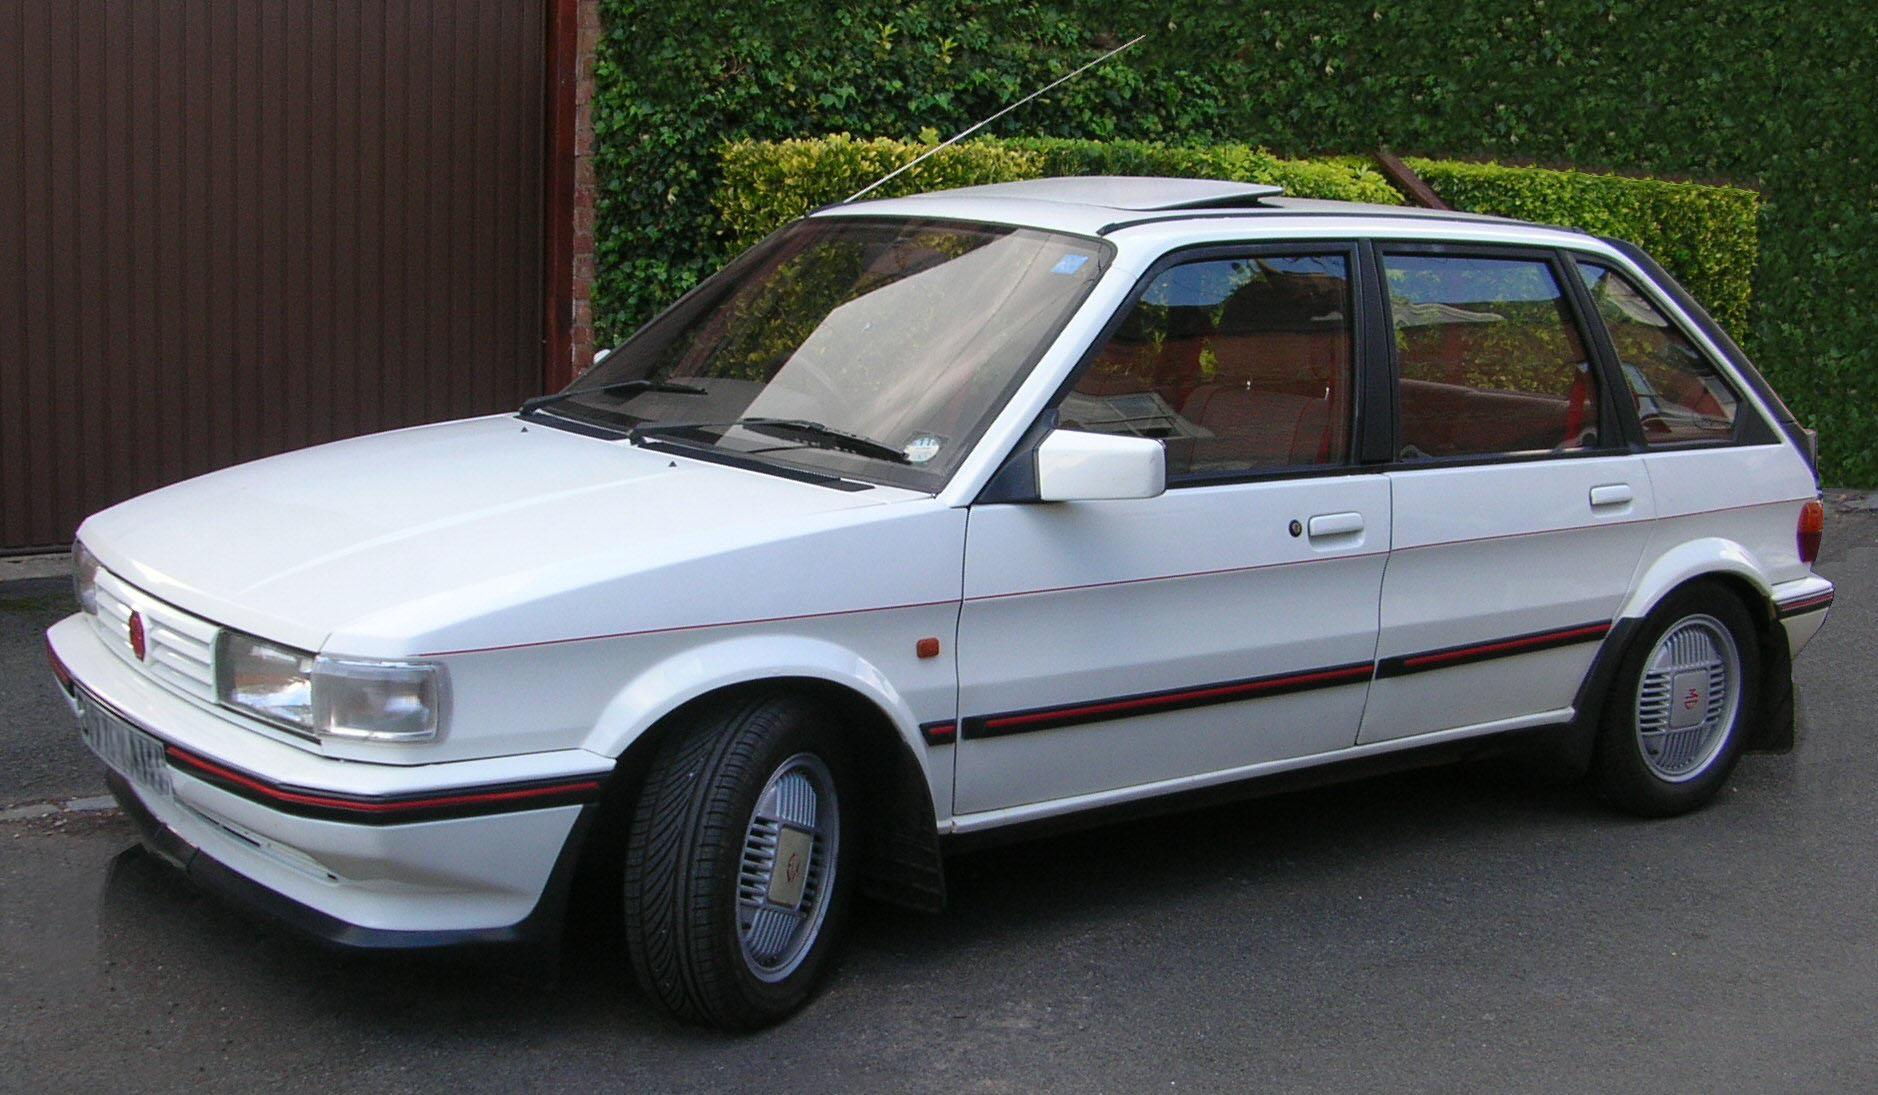 1985 Austin Maestro